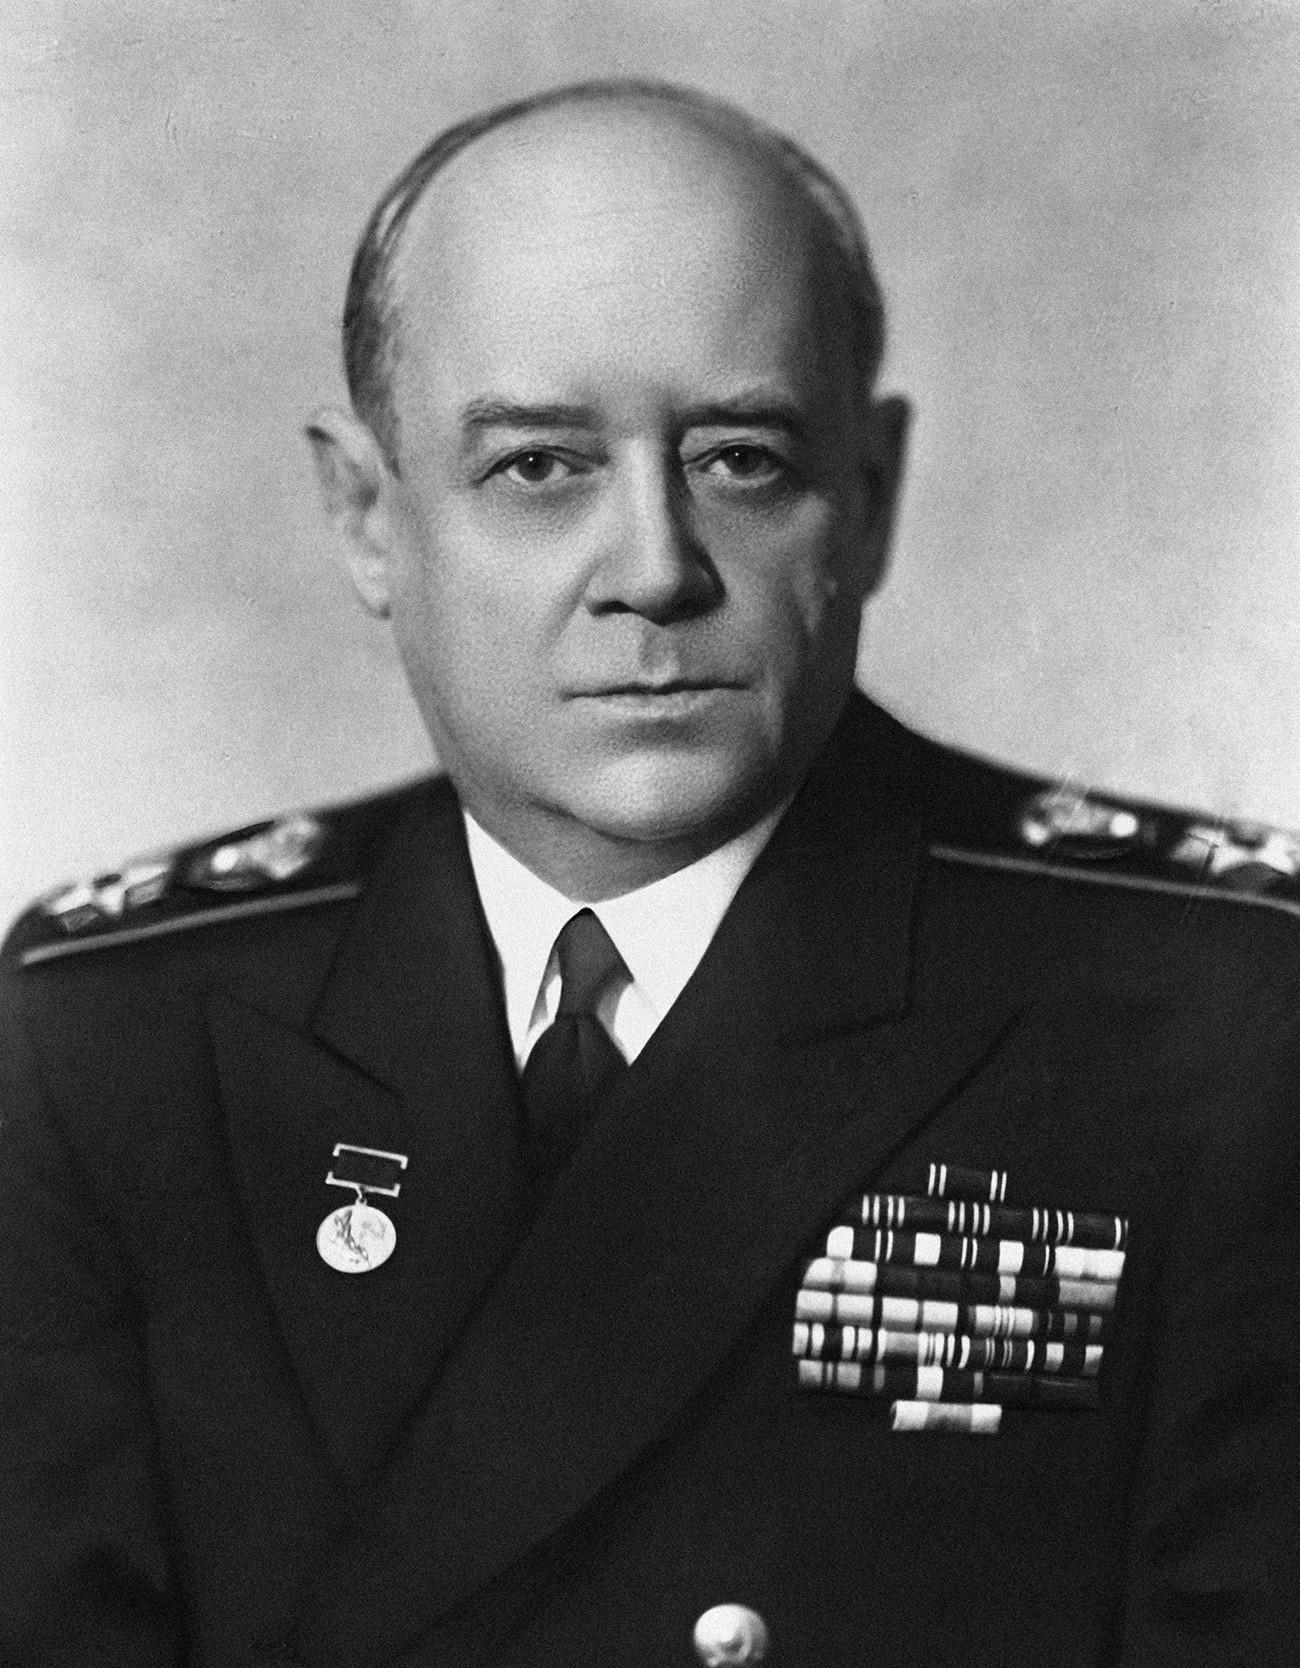 Адмиралот на флотата на Советскиот Сојуз Иван Степанович Исаков (1894-1967). Репродукција на фотографија.